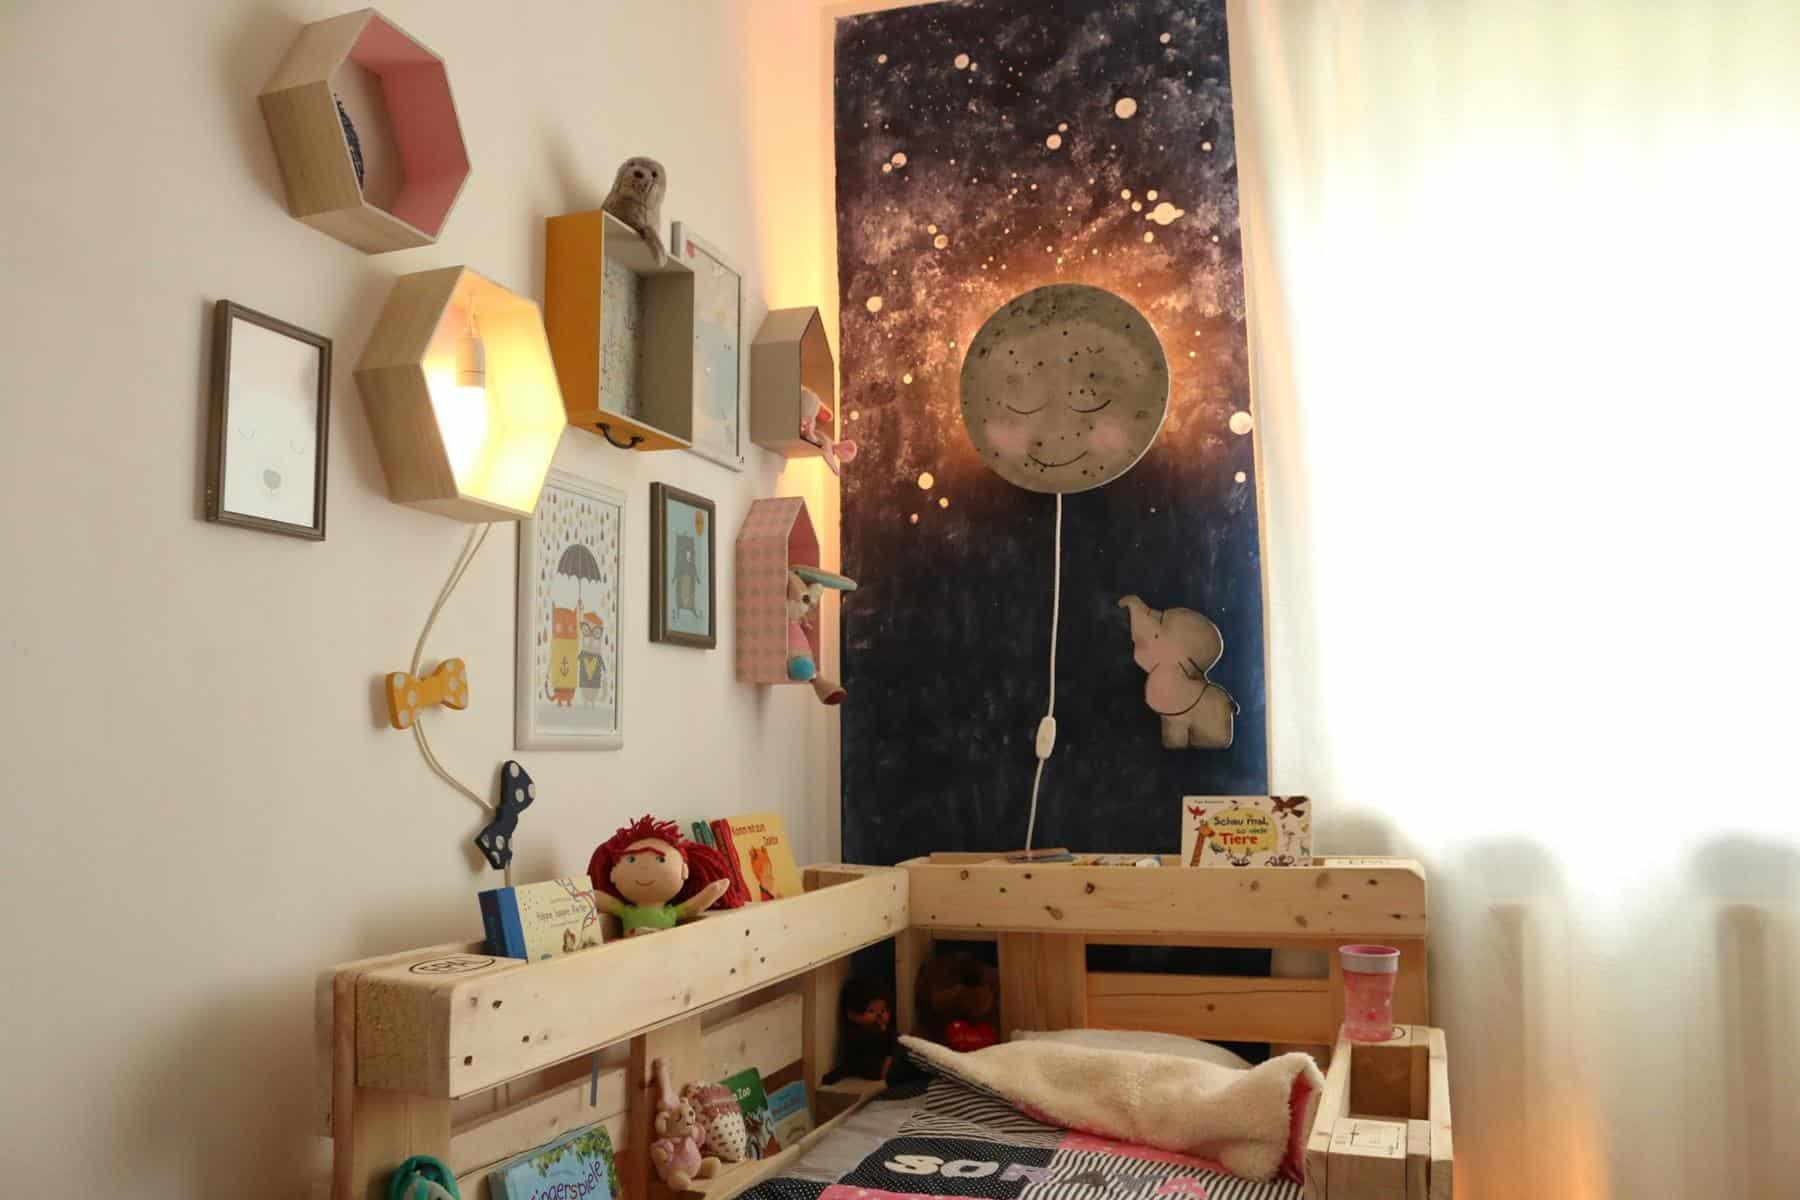 Lampe selber bauen DIY